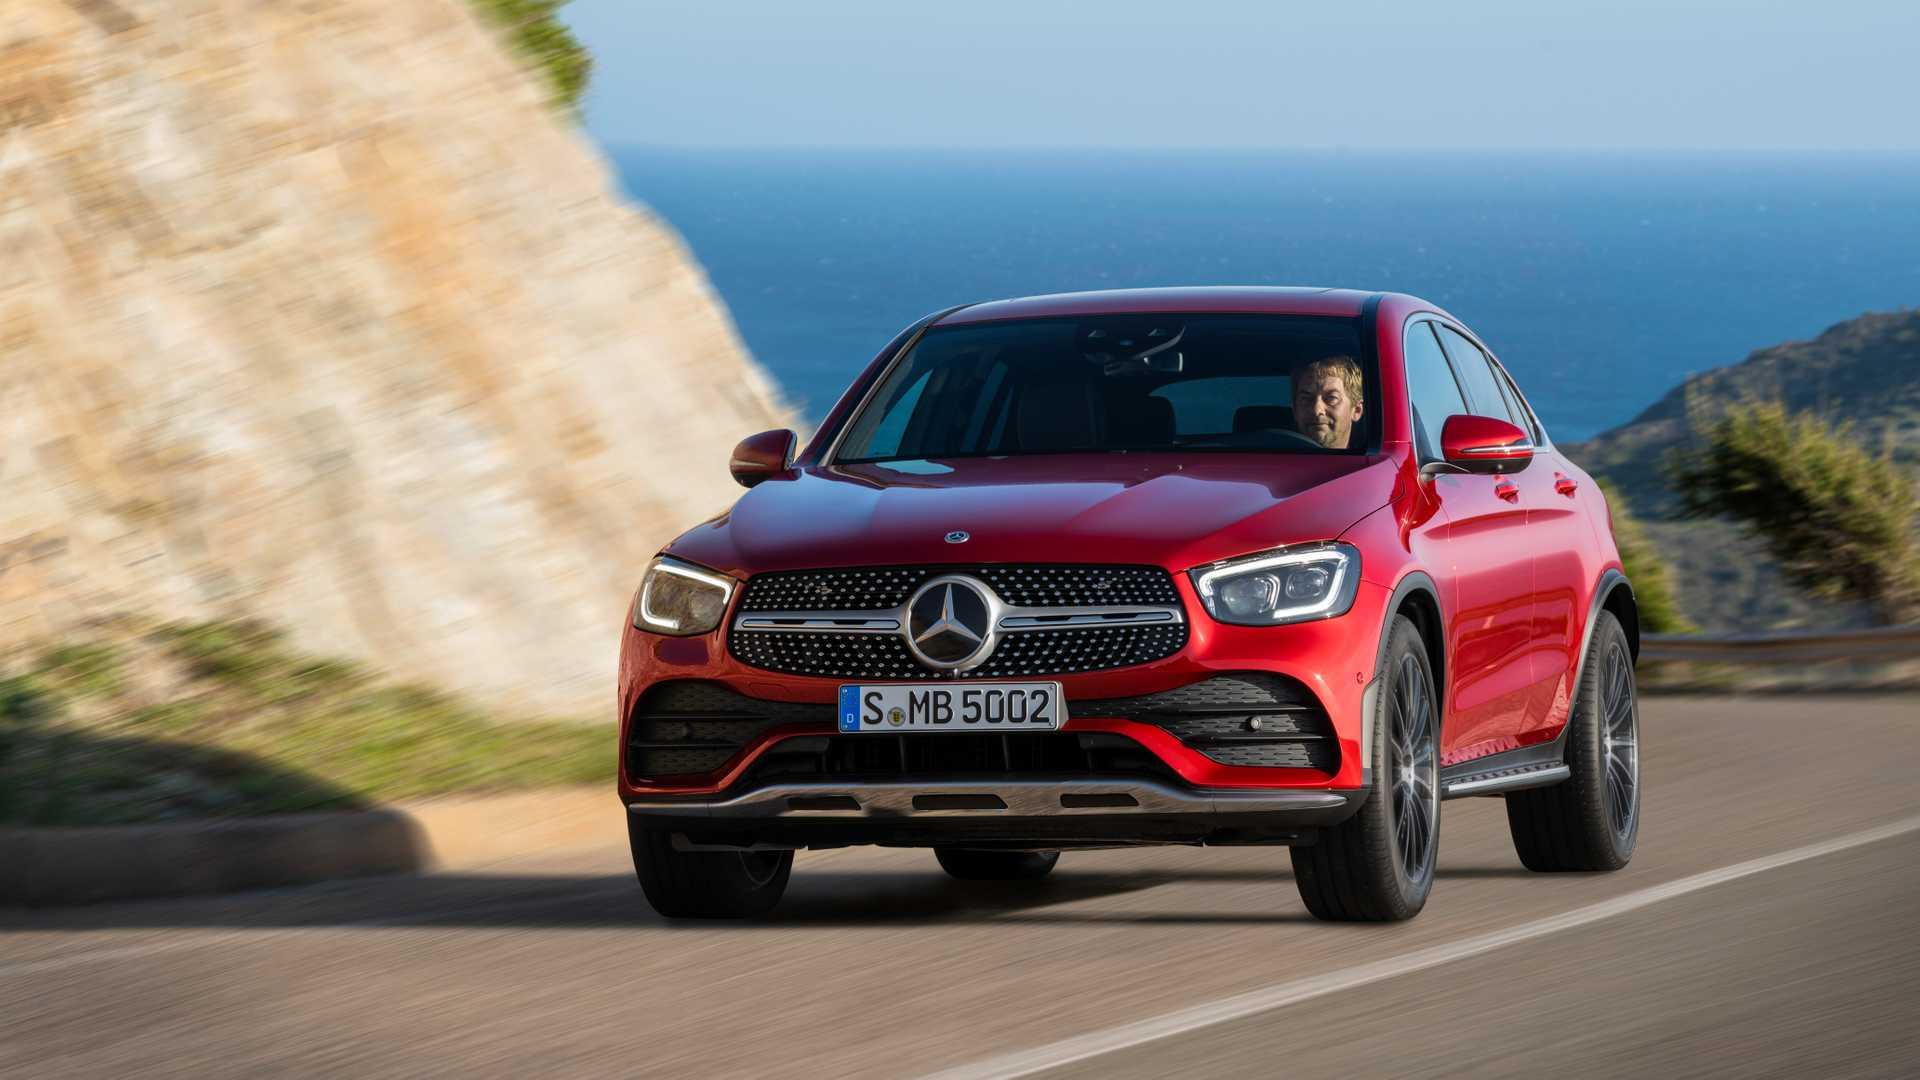 Mercedes Glc Y Glc Coupe Precios Prueba Ficha Tecnica Fotos Y Noticias Diariomotor